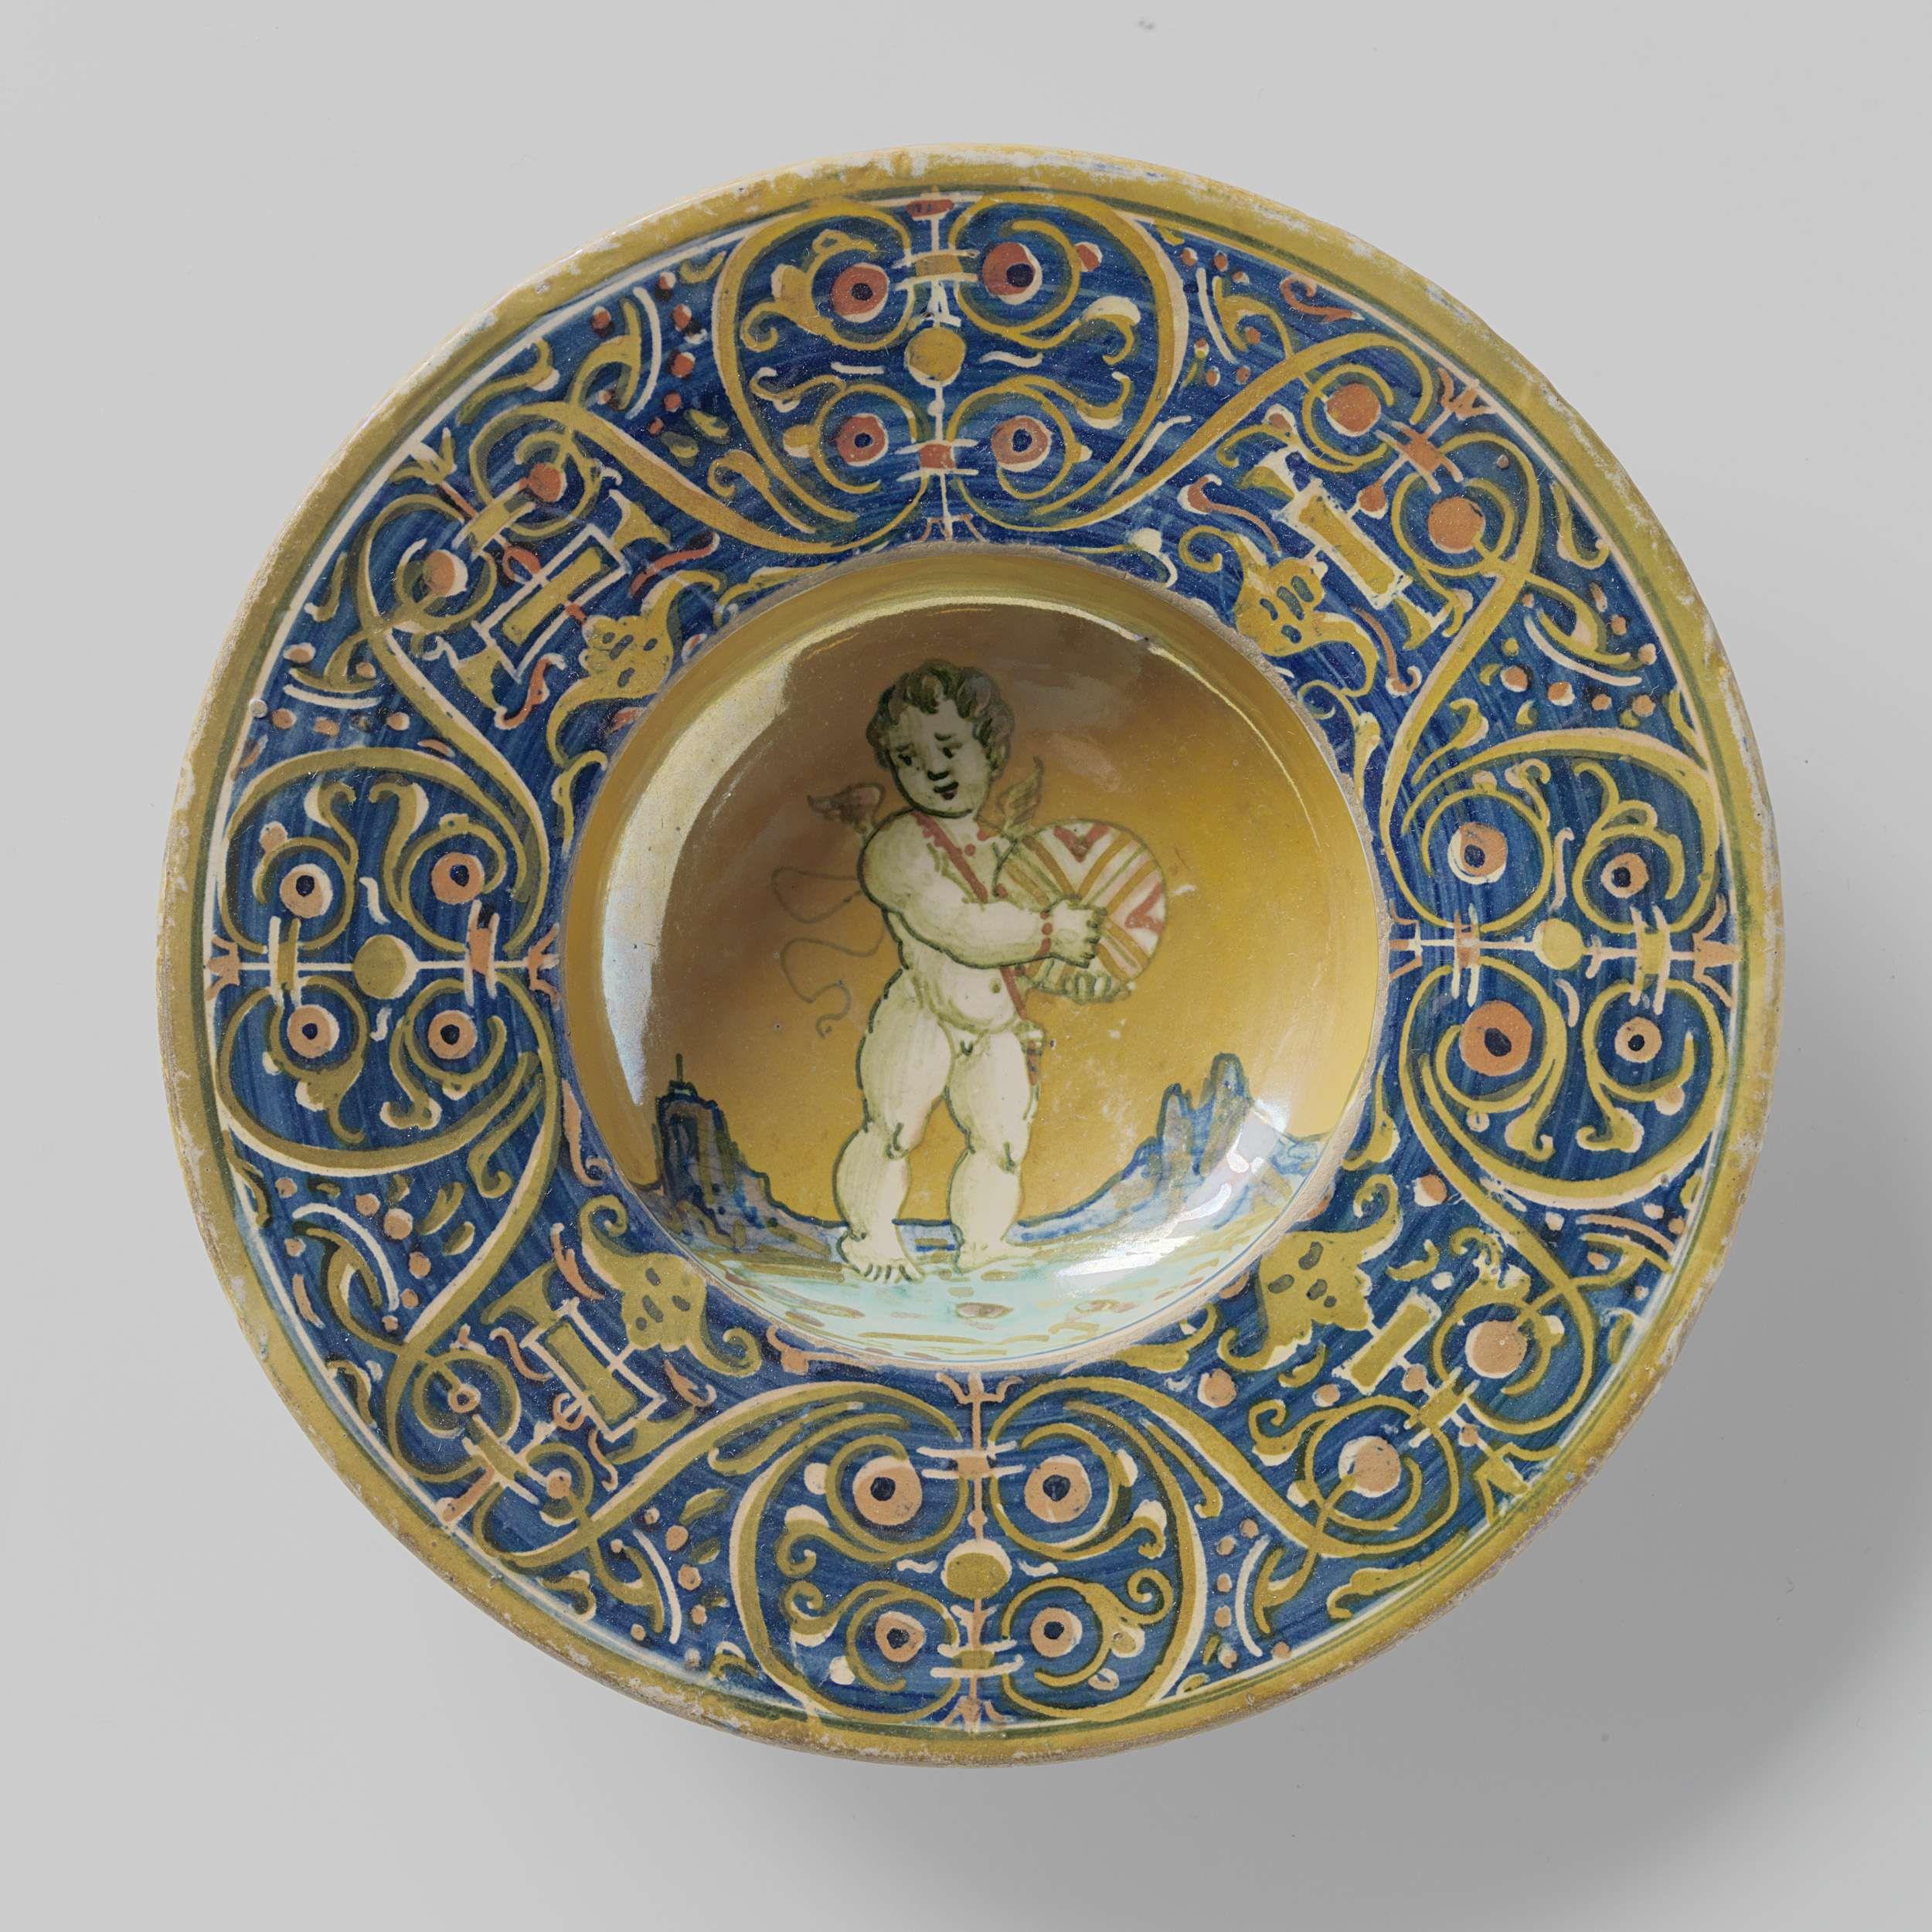 Anonymous | Bord met verdiept plat met veelkleurig beschilderde  putto met bol in beide handen. Op de rand een arabeskenachtig rankenpatroon., Anonymous, c. 1530 | Rond bord van veelkleurig beschilderde majolica, met een verdiept plat. Op het plat is een putto met een bol in beide handen geschilderd op een grond van goudluster. Op de brede rand is een zich herhalend arabeskenachtig rankenpatroon geschilderd in rood en goudluster op een blauwe fond.